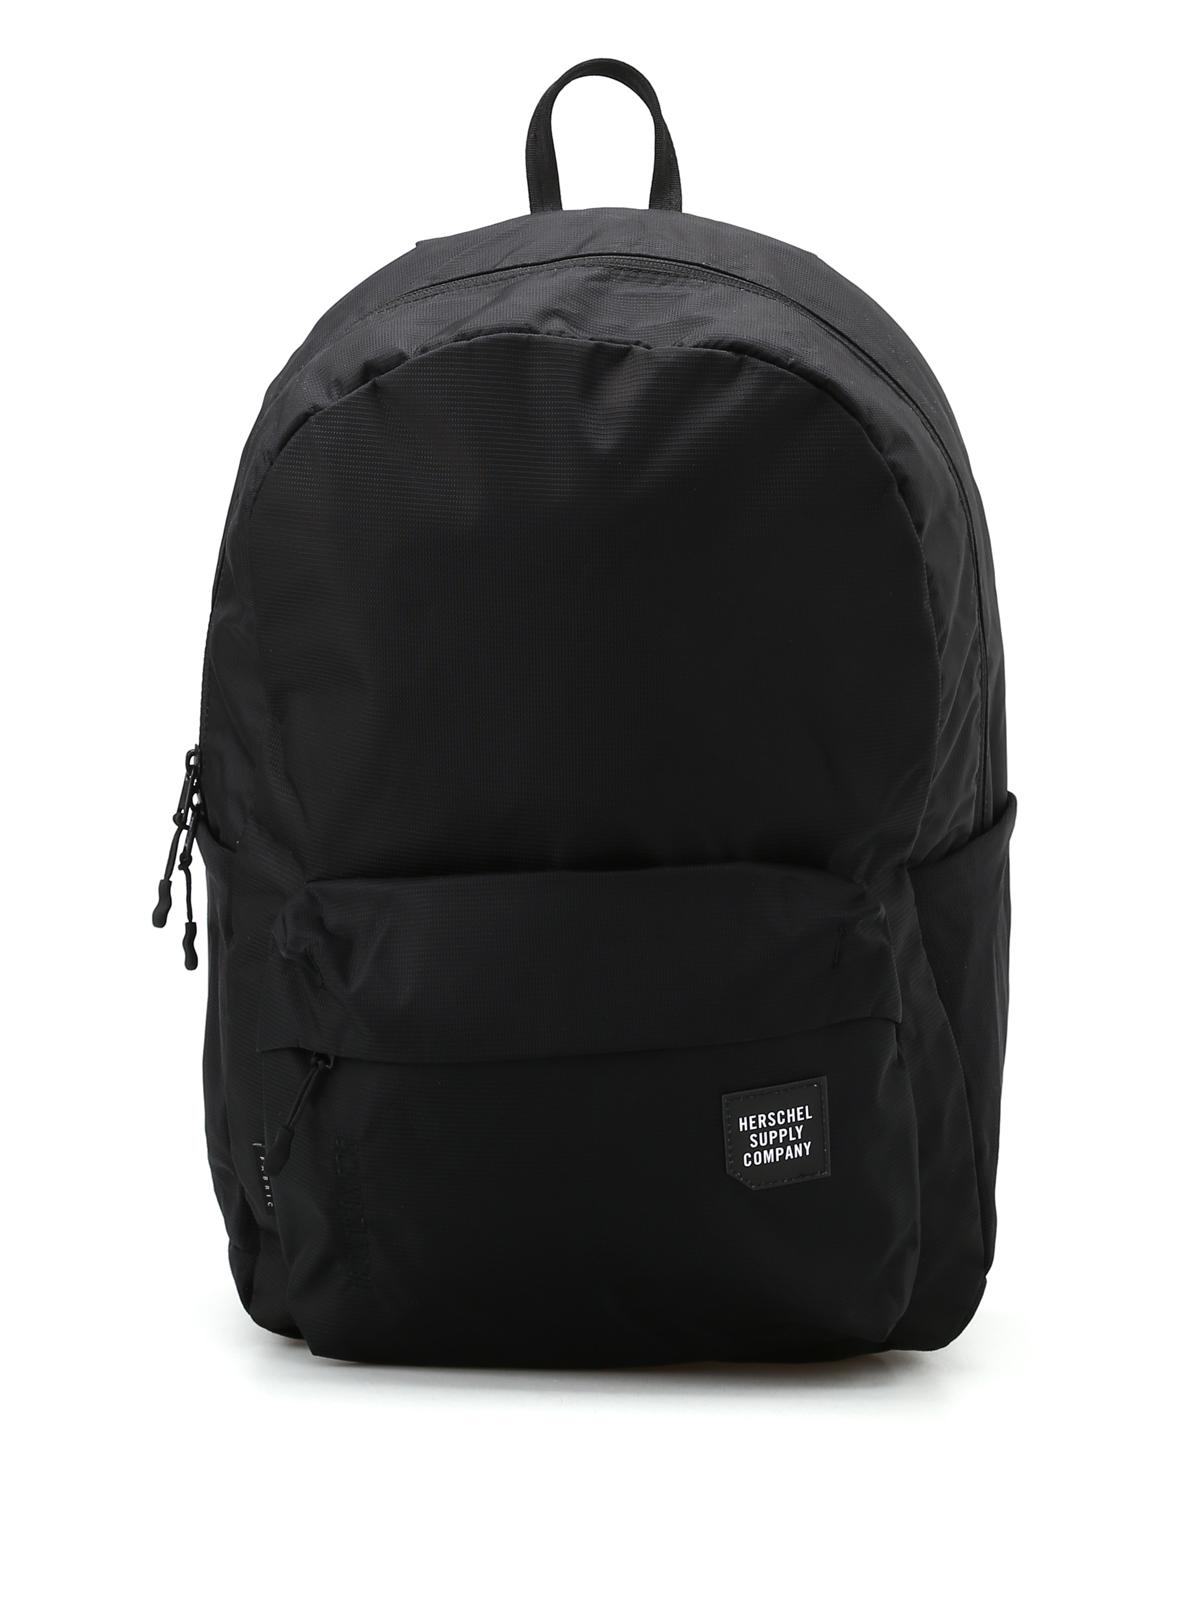 Rundle black waterproof backpack by Herschel - backpacks | iKRIX